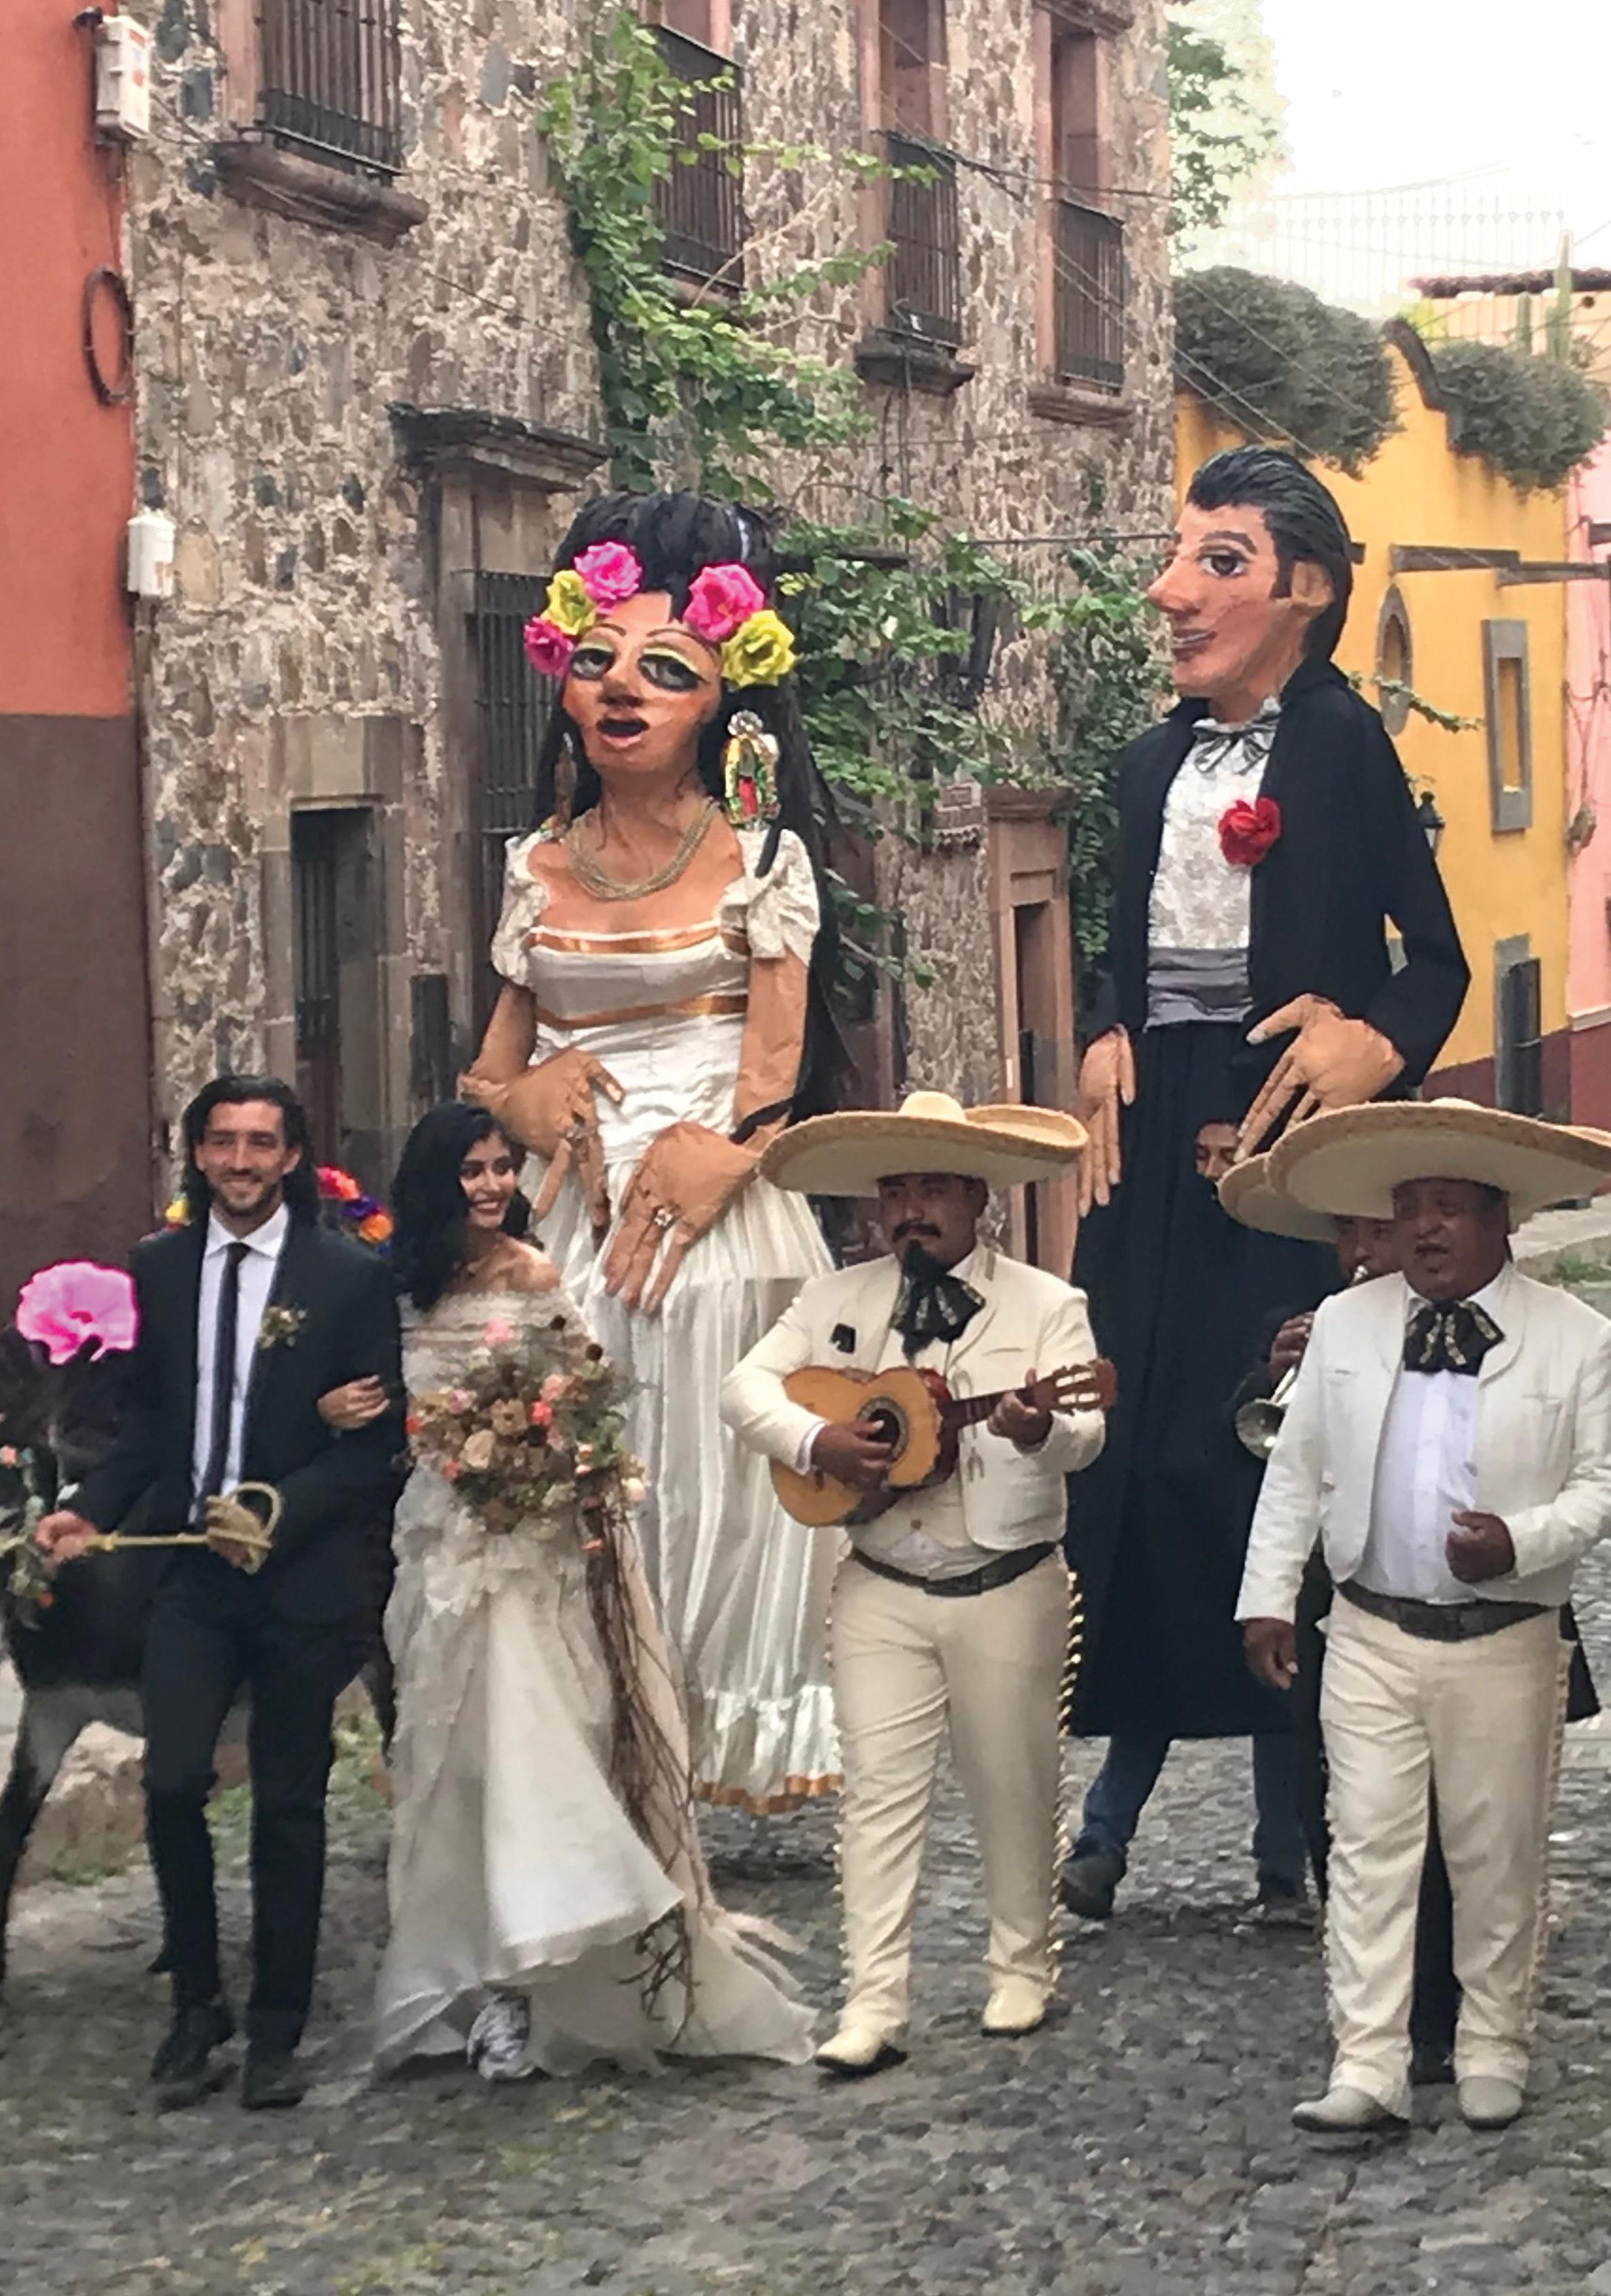 san miguel de allende bride and groom mojigangas mexico travel wedding guanajuato